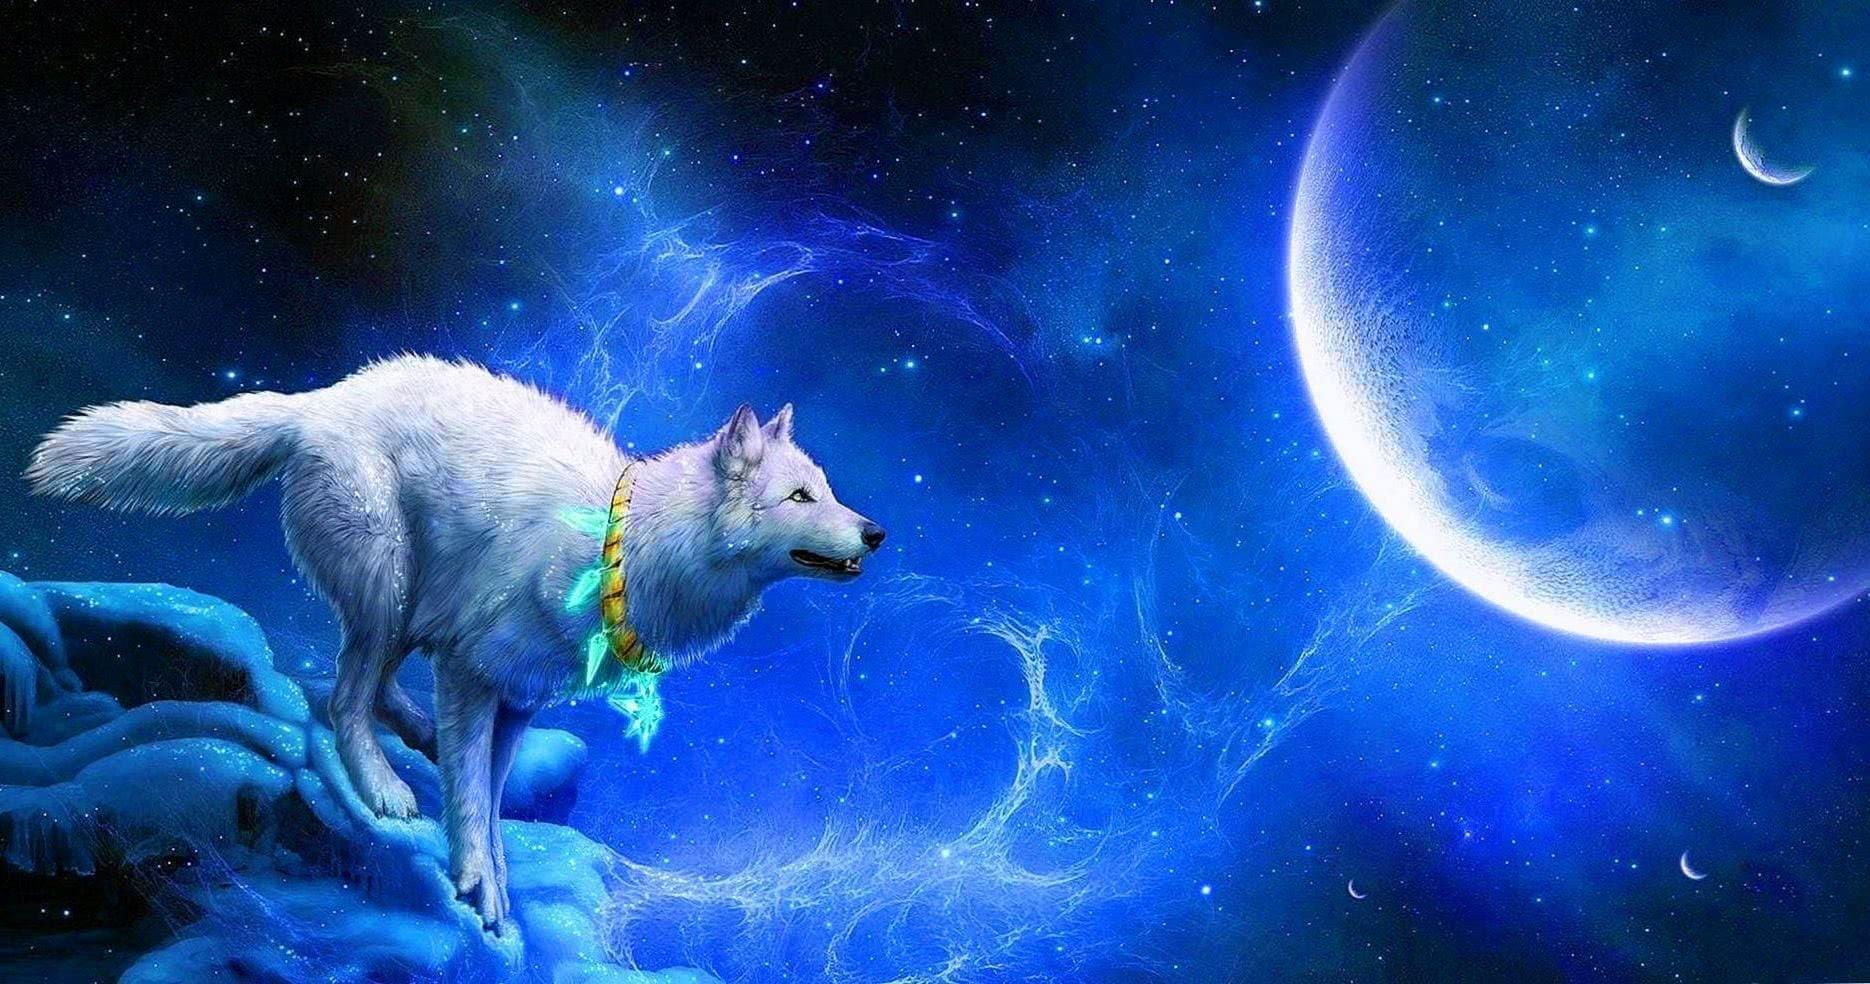 Wallpaper Blue Wolf